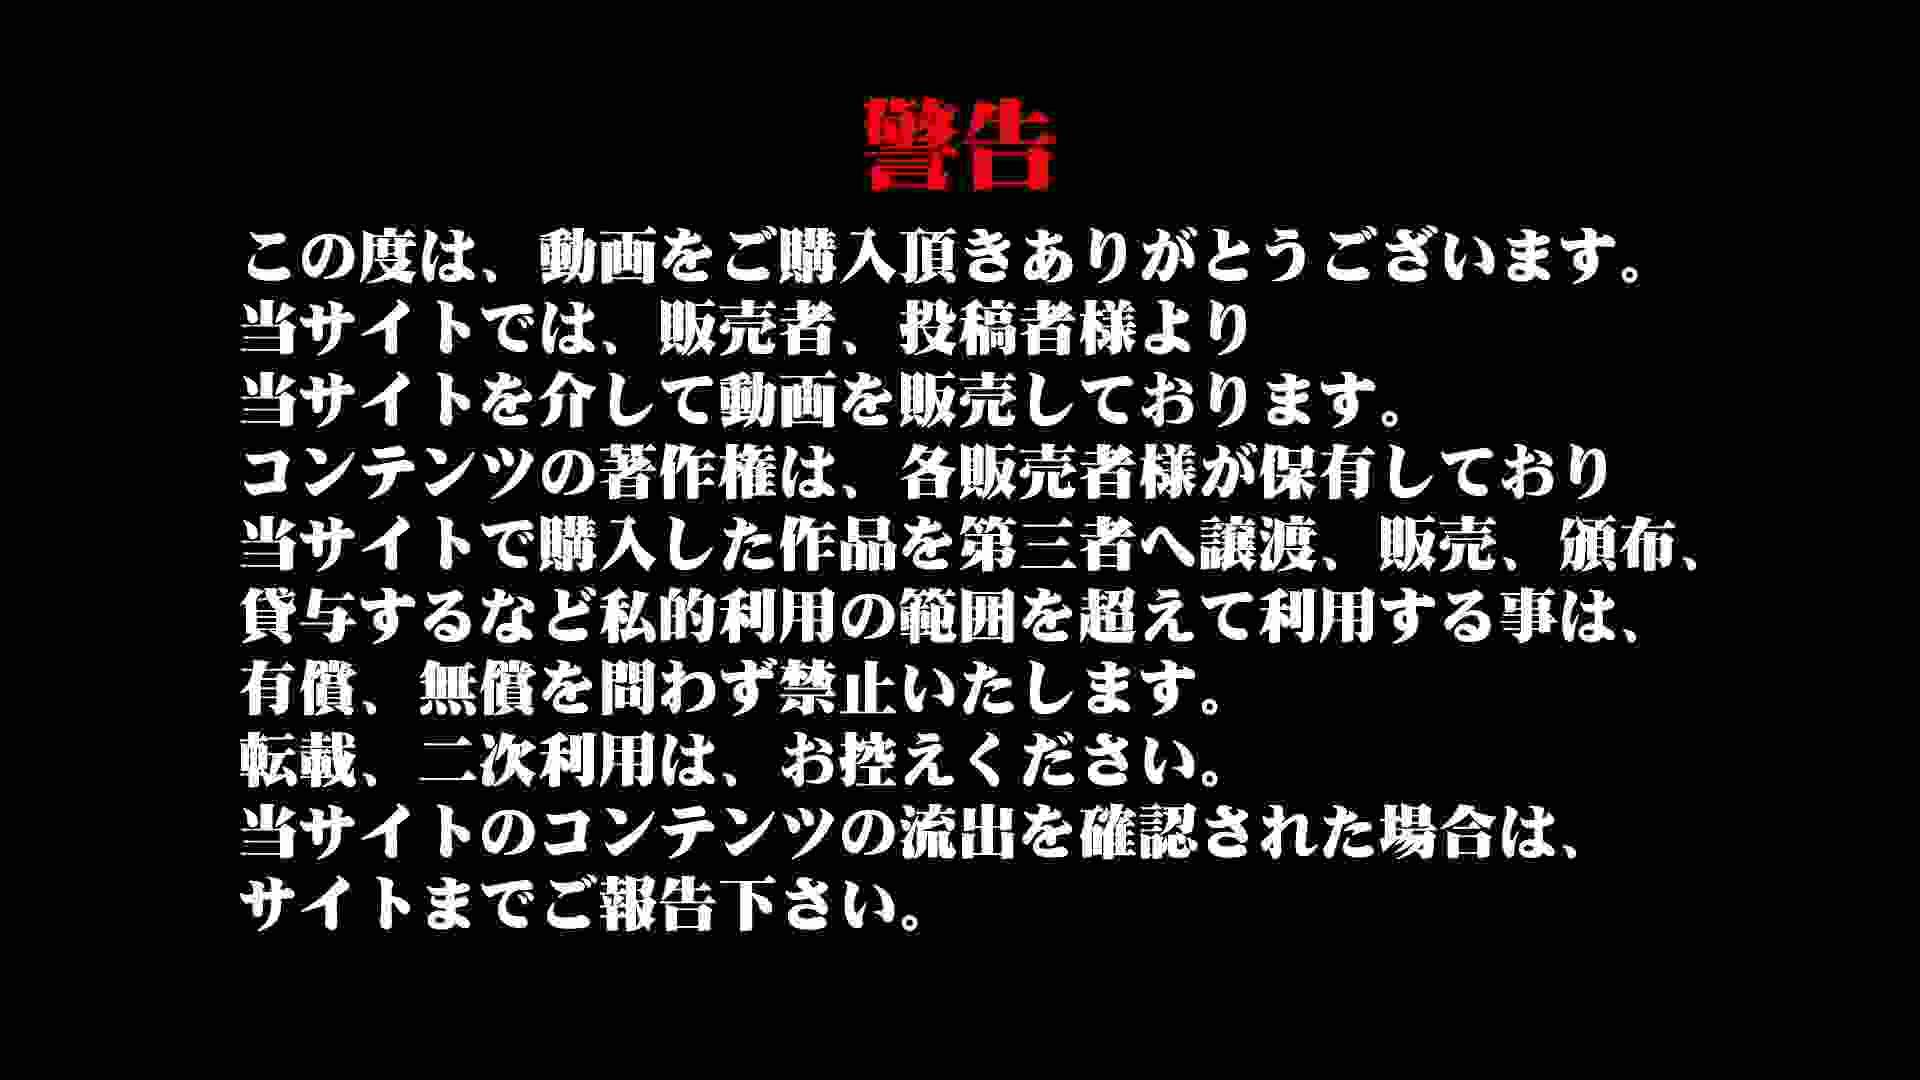 盗撮列車 Vol.53 盗撮編   パンチラ女子  79枚 1